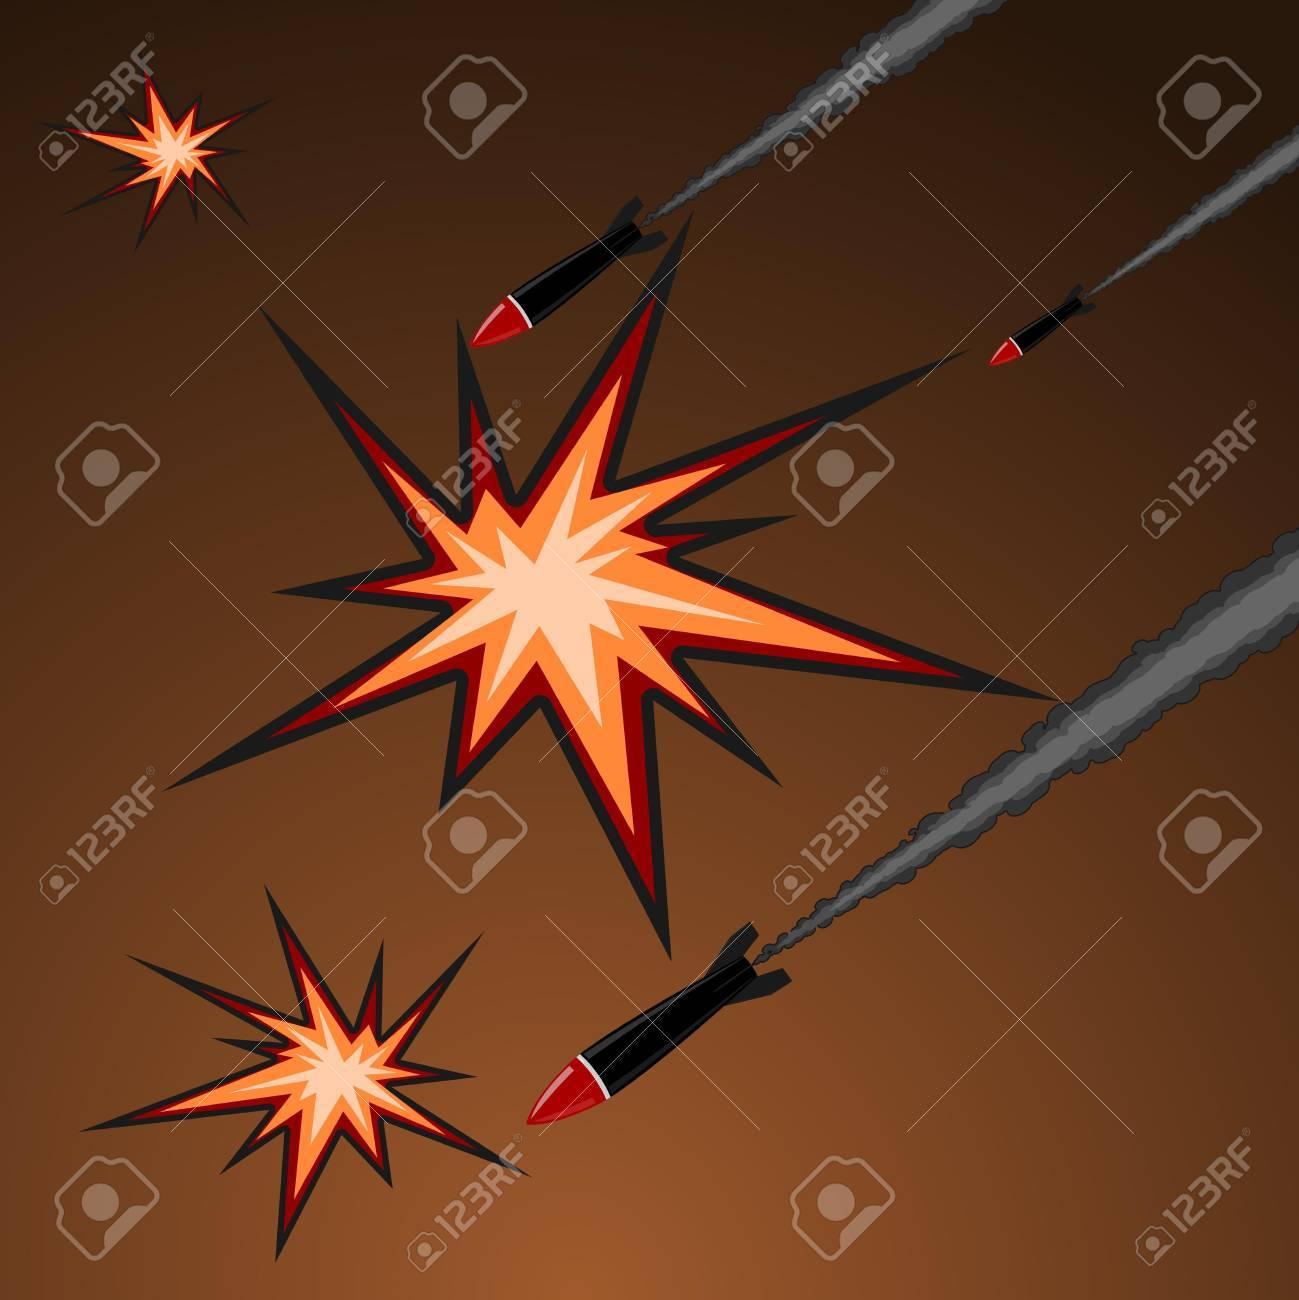 Vector illustration of rocket attack Stock Vector - 11942725